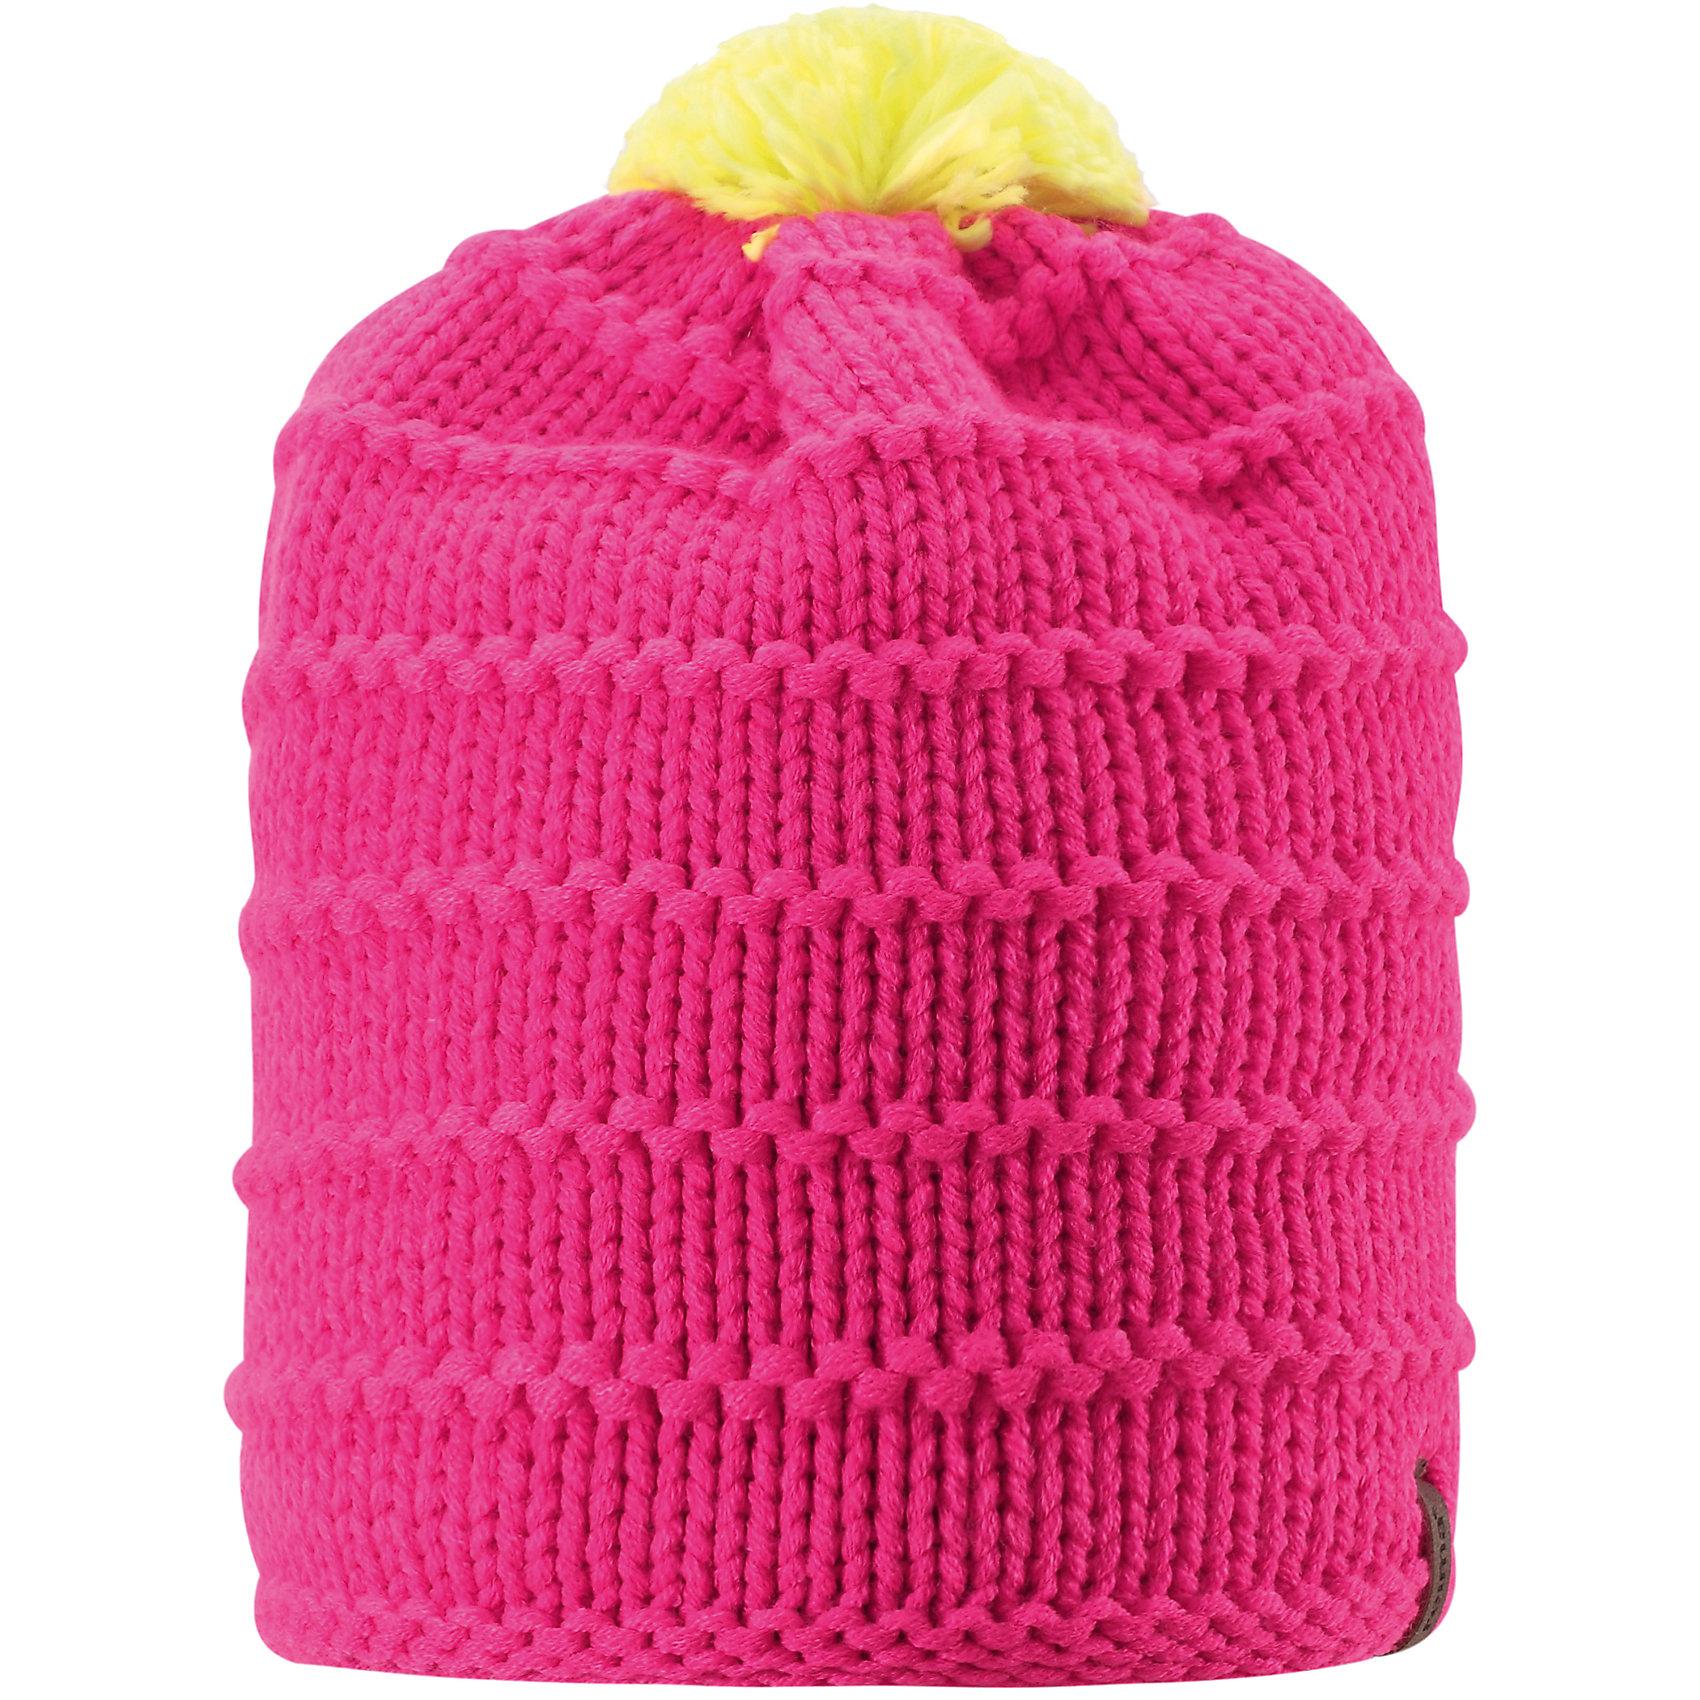 Шапка для девочки ReimaЭта зимняя детская шапка из тёплой, толстой, высококачественной акриловой пряжи станет модным выбором для зимних прогулок. В этой шапке с подкладкой из мягкого, тёплого флиса ребёнок не замёрзнет в холодные зимние месяцы. Простой в уходе акрил отлично контролирует температуру. Ветронепроницаемые вставки в области ушей защищают маленькие ушки от холодного ветра, поэтому маленьким искателям приключений будет тепло и комфортно. Уютная модель весёлой расцветки легко сочетается с разной одеждой, а помпон контрастного цвета делает образ неповторимым.<br><br>Дополнительная информация:<br><br>Зимняя шапка для детей и подростков<br>Тёплая, толстая, высококачественная пряжа<br>Мягкая, тёплая подкладки из флиса<br>Ветронепроницаемые вставки в области ушей<br>Состав: 100% акрил<br><br>Шапку для девочки от популярного финского бренда Reima можно купить в нашем магазине.<br><br>Ширина мм: 89<br>Глубина мм: 117<br>Высота мм: 44<br>Вес г: 155<br>Цвет: розовый<br>Возраст от месяцев: 96<br>Возраст до месяцев: 120<br>Пол: Женский<br>Возраст: Детский<br>Размер: 56,54,58,52<br>SKU: 4417213